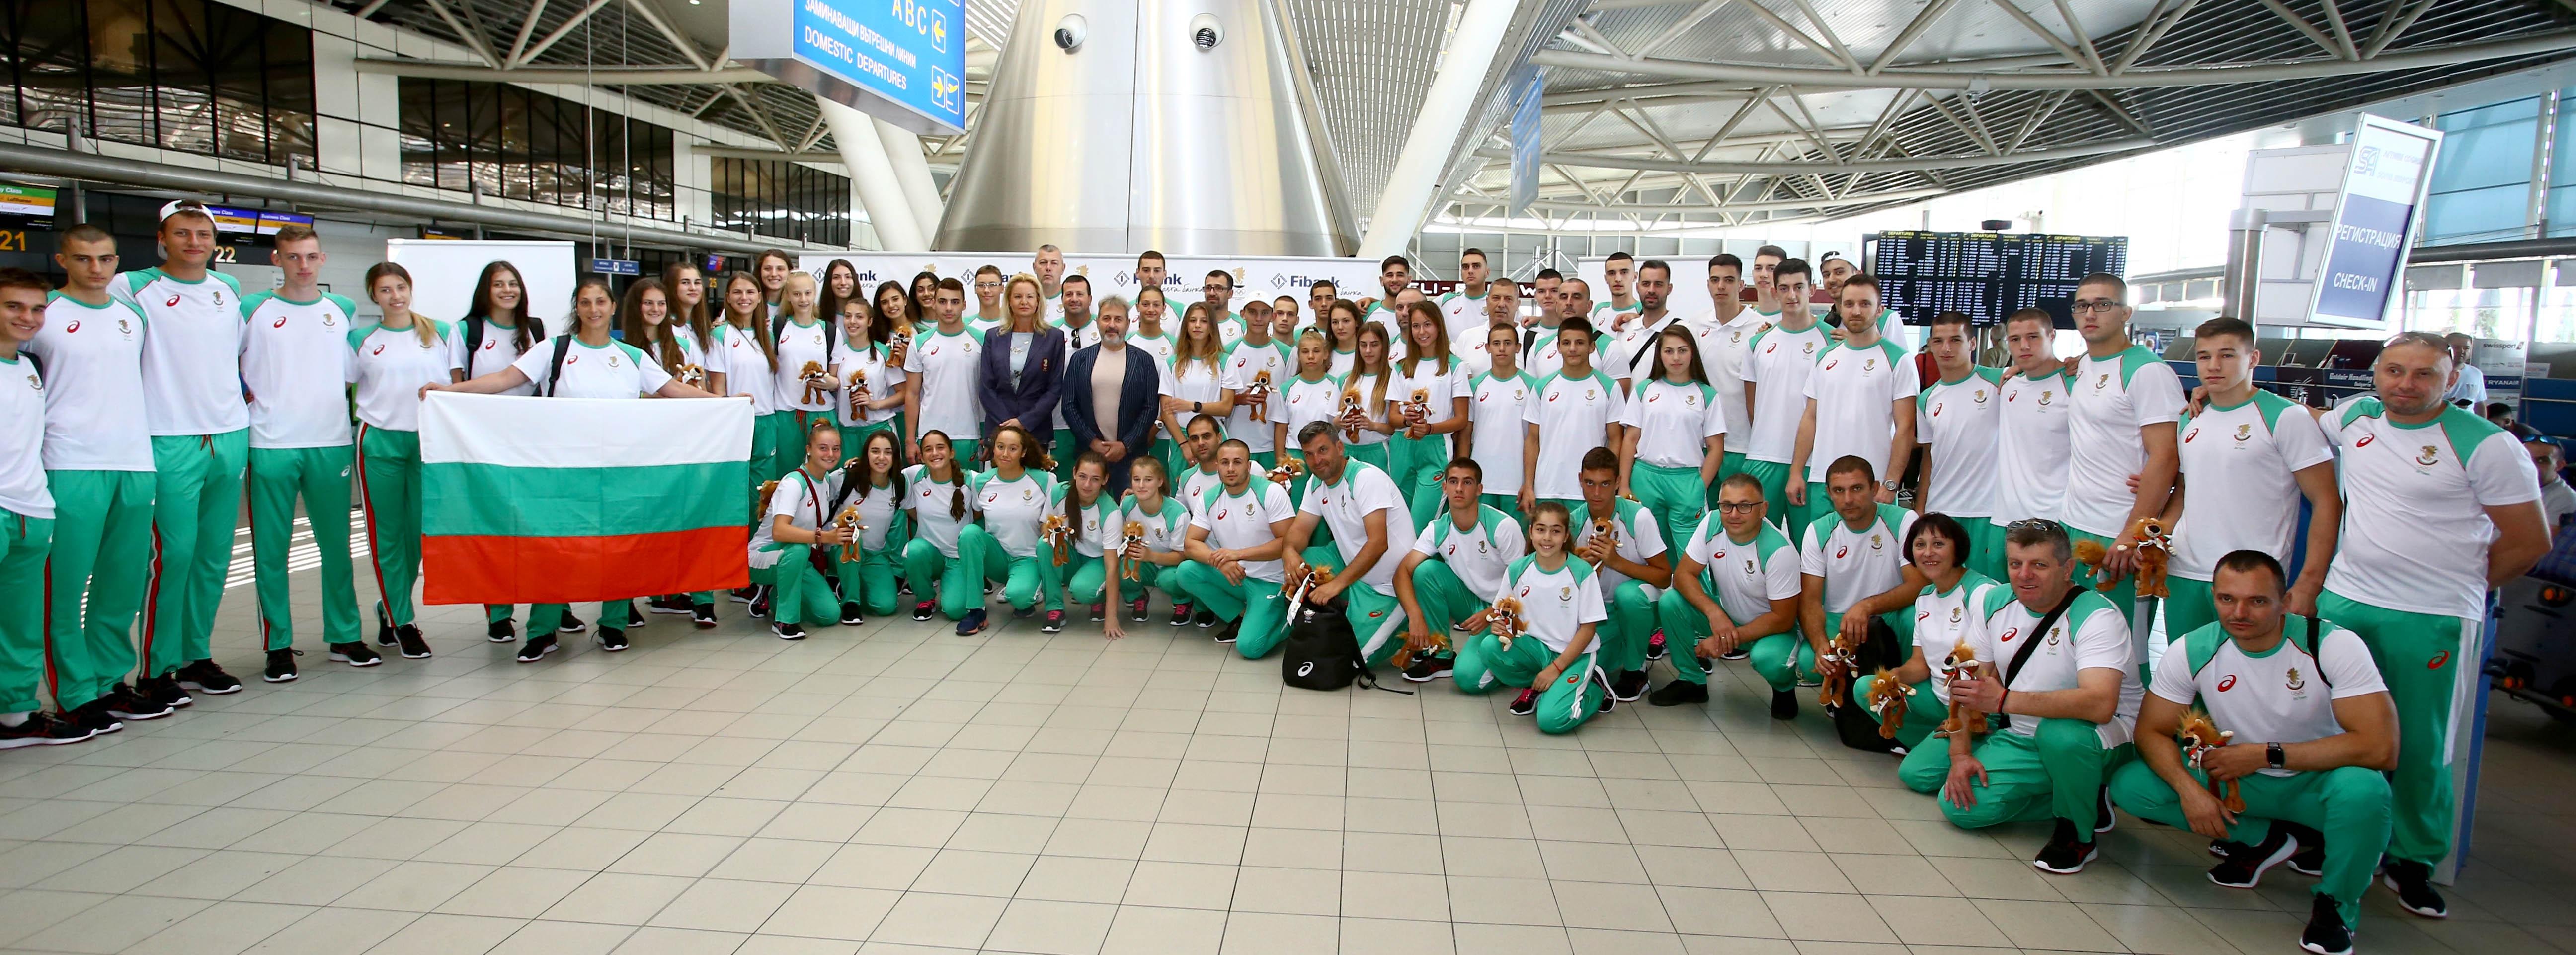 С националния трибагреник и лъвче-талисман за успех заминаха българските участници